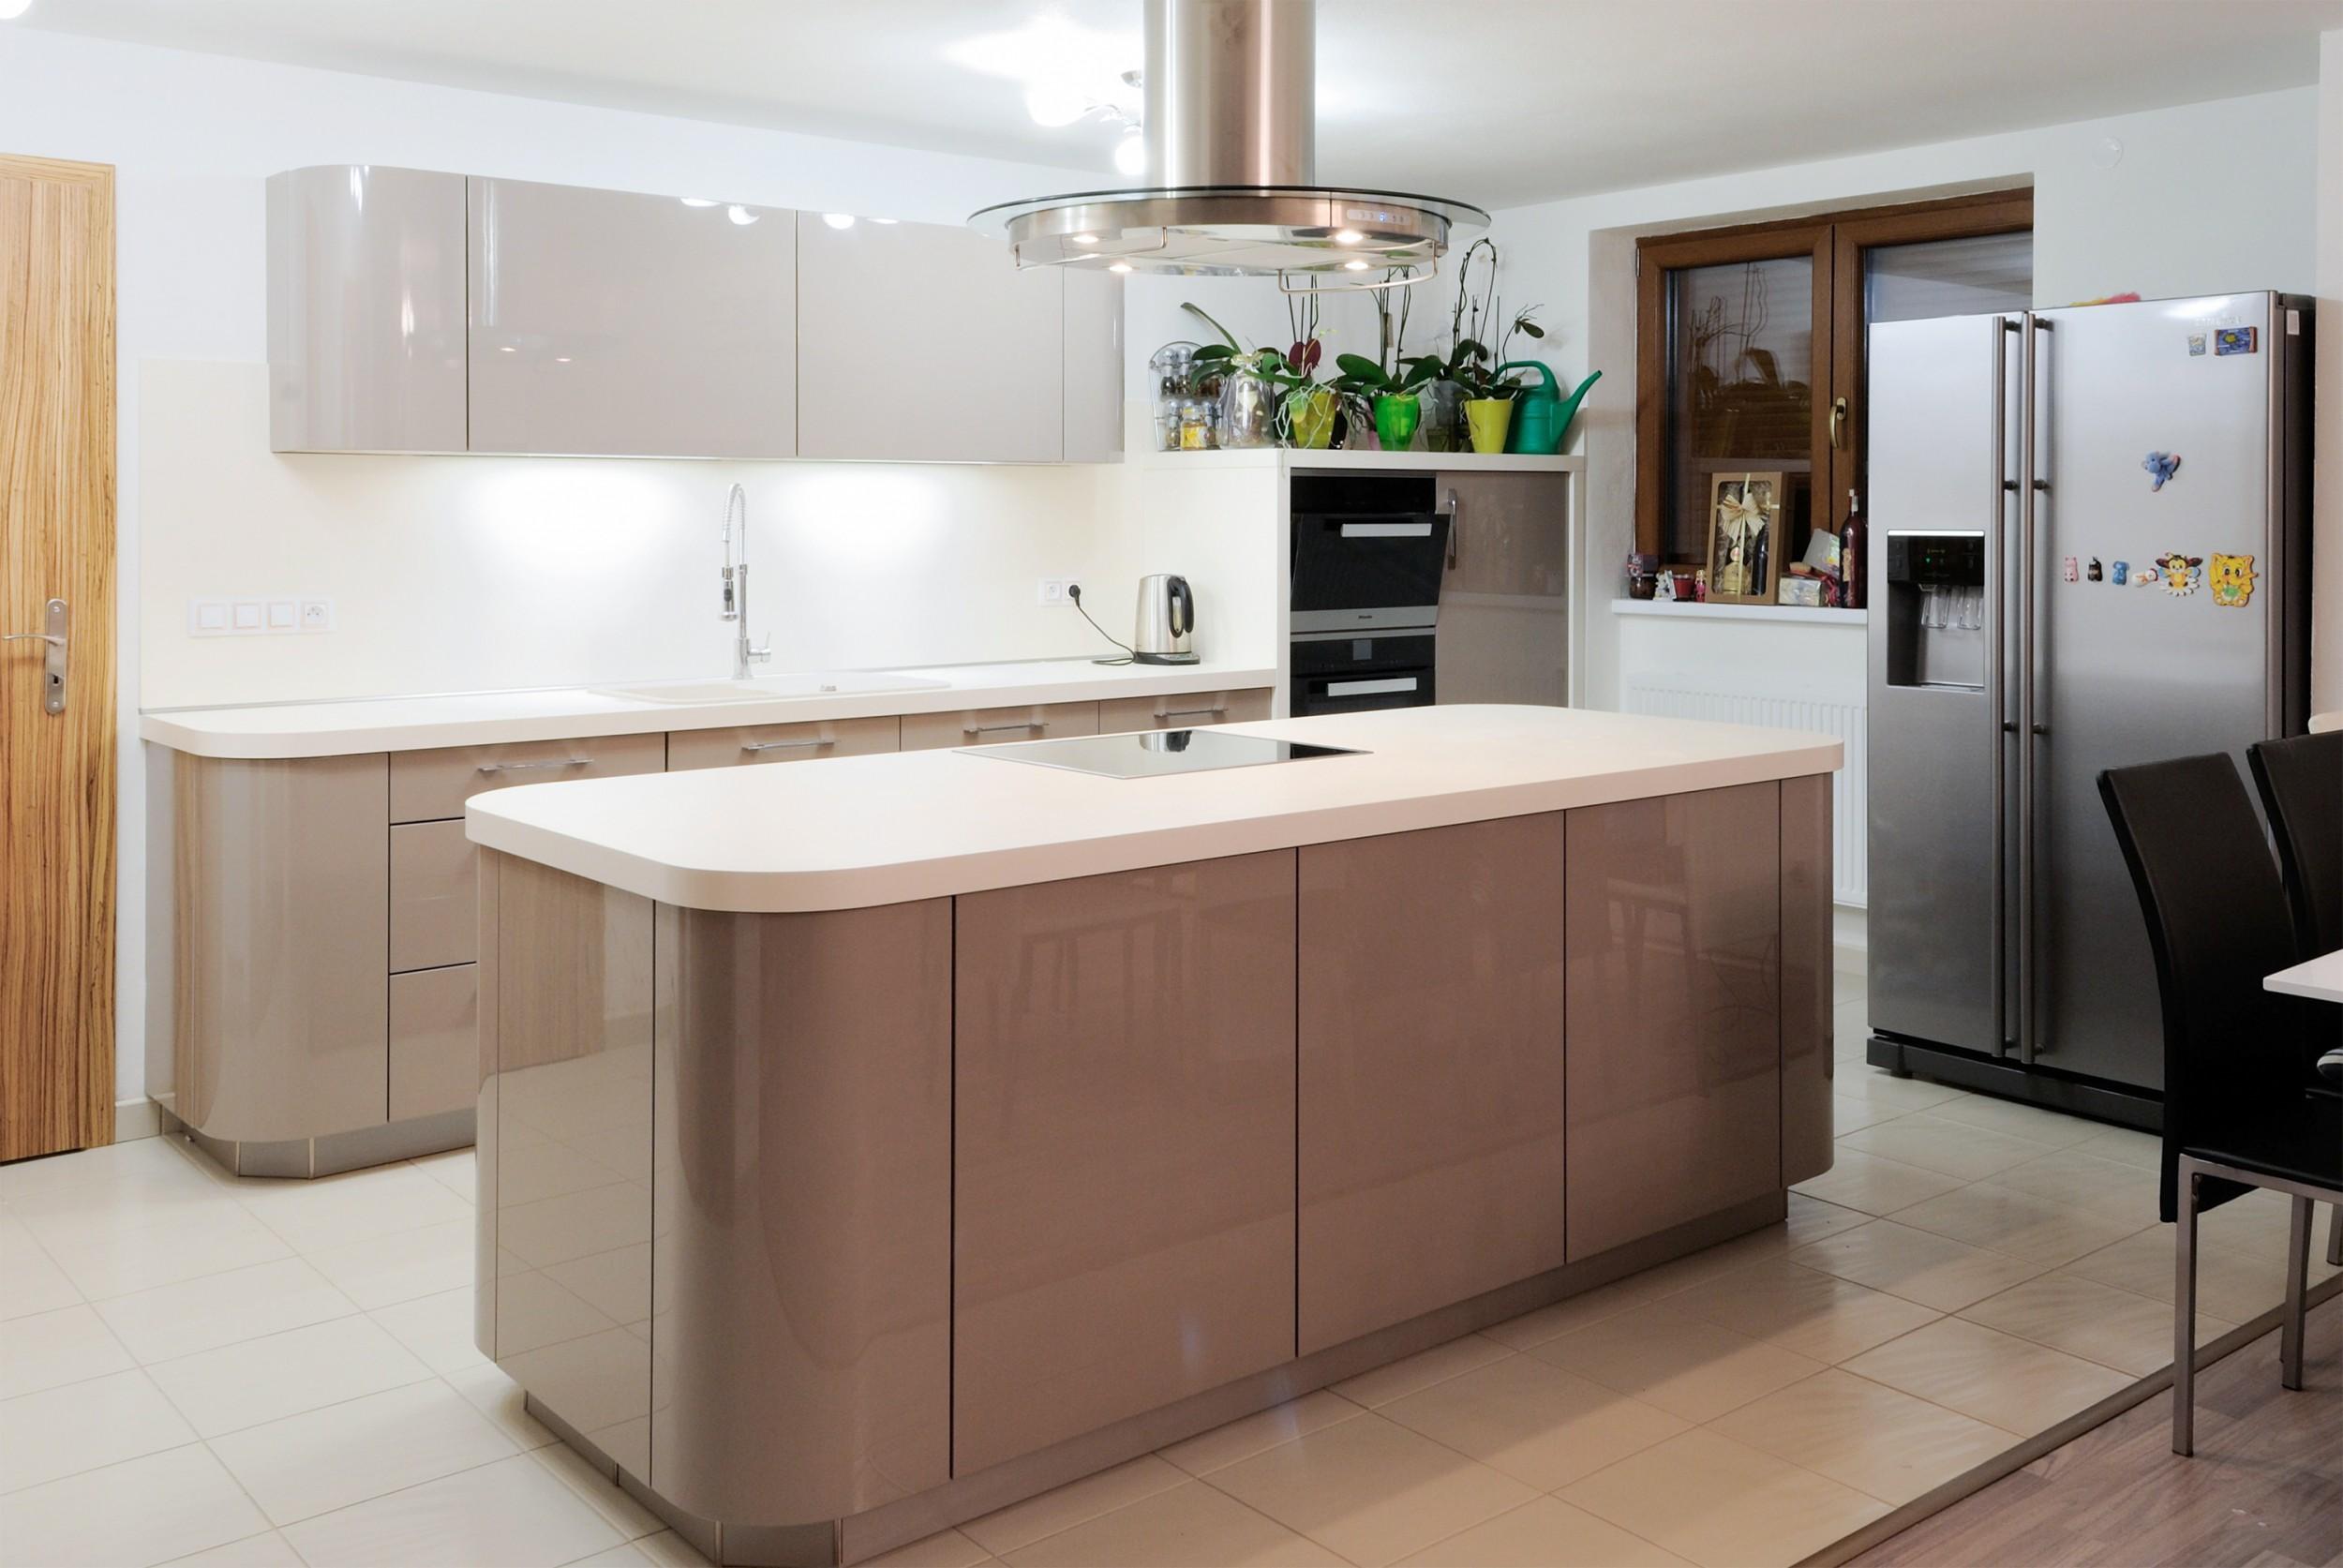 Zakulacená kuchyně Nolte, Klenčí pod Čerchovem | Kuchyně ELZA